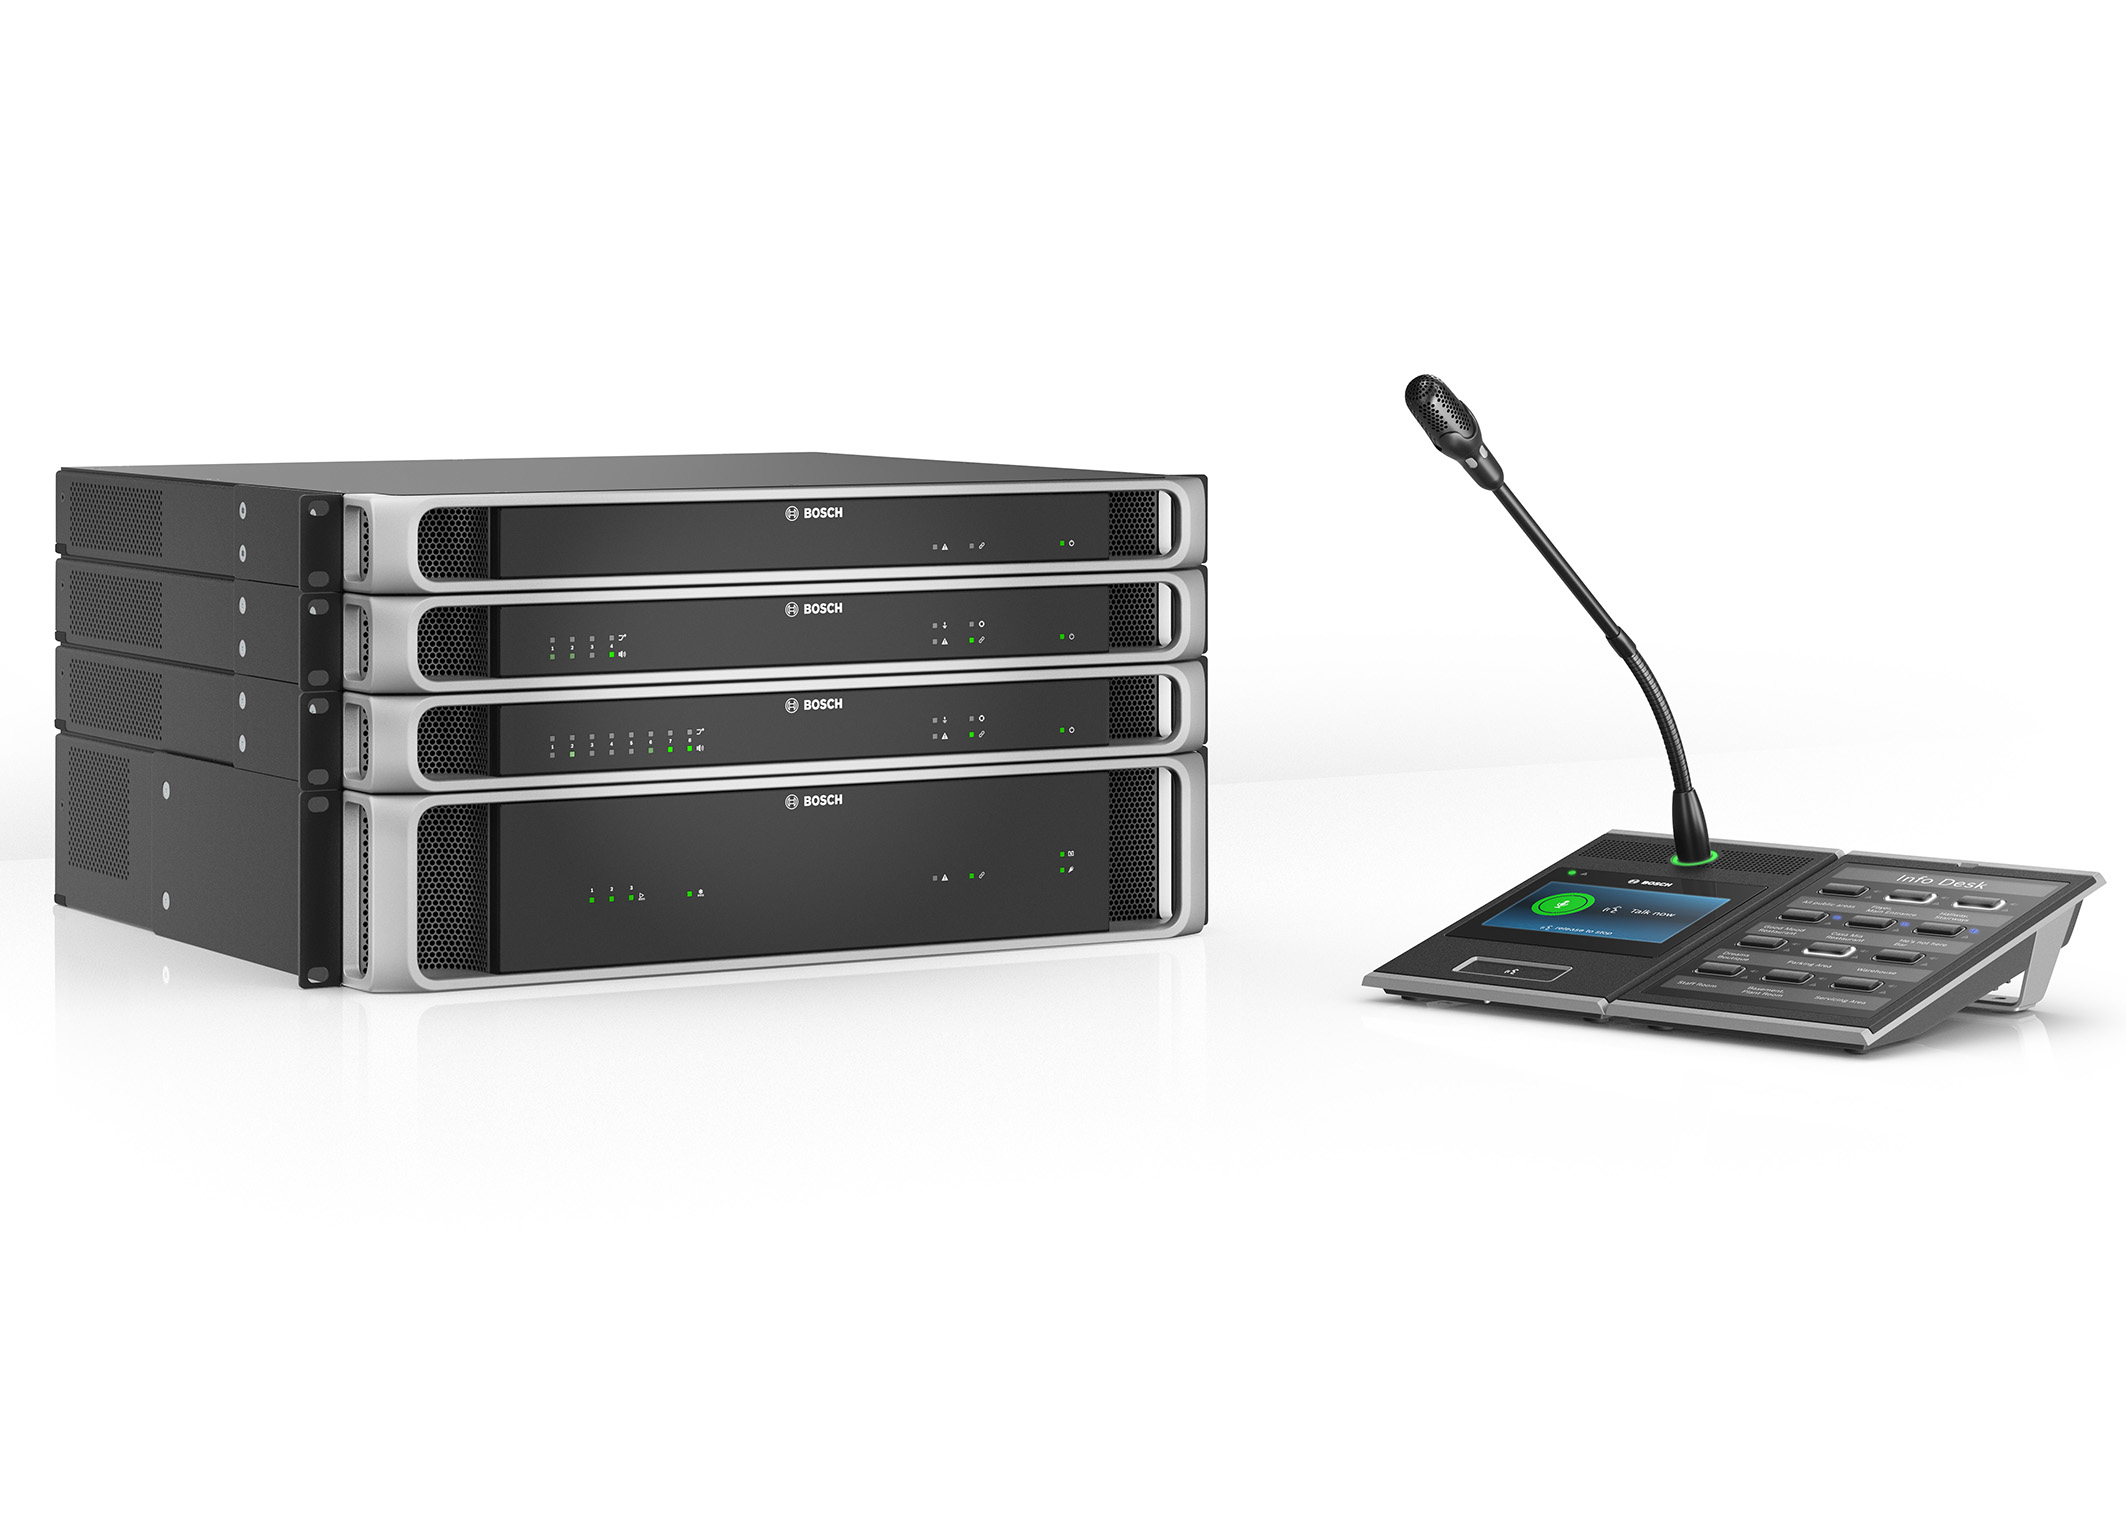 PRAESENSA setzt neuen Industriestandard  Neues IP-basierendes Beschallungs- und Sprachalarmierungssystem von Bosch